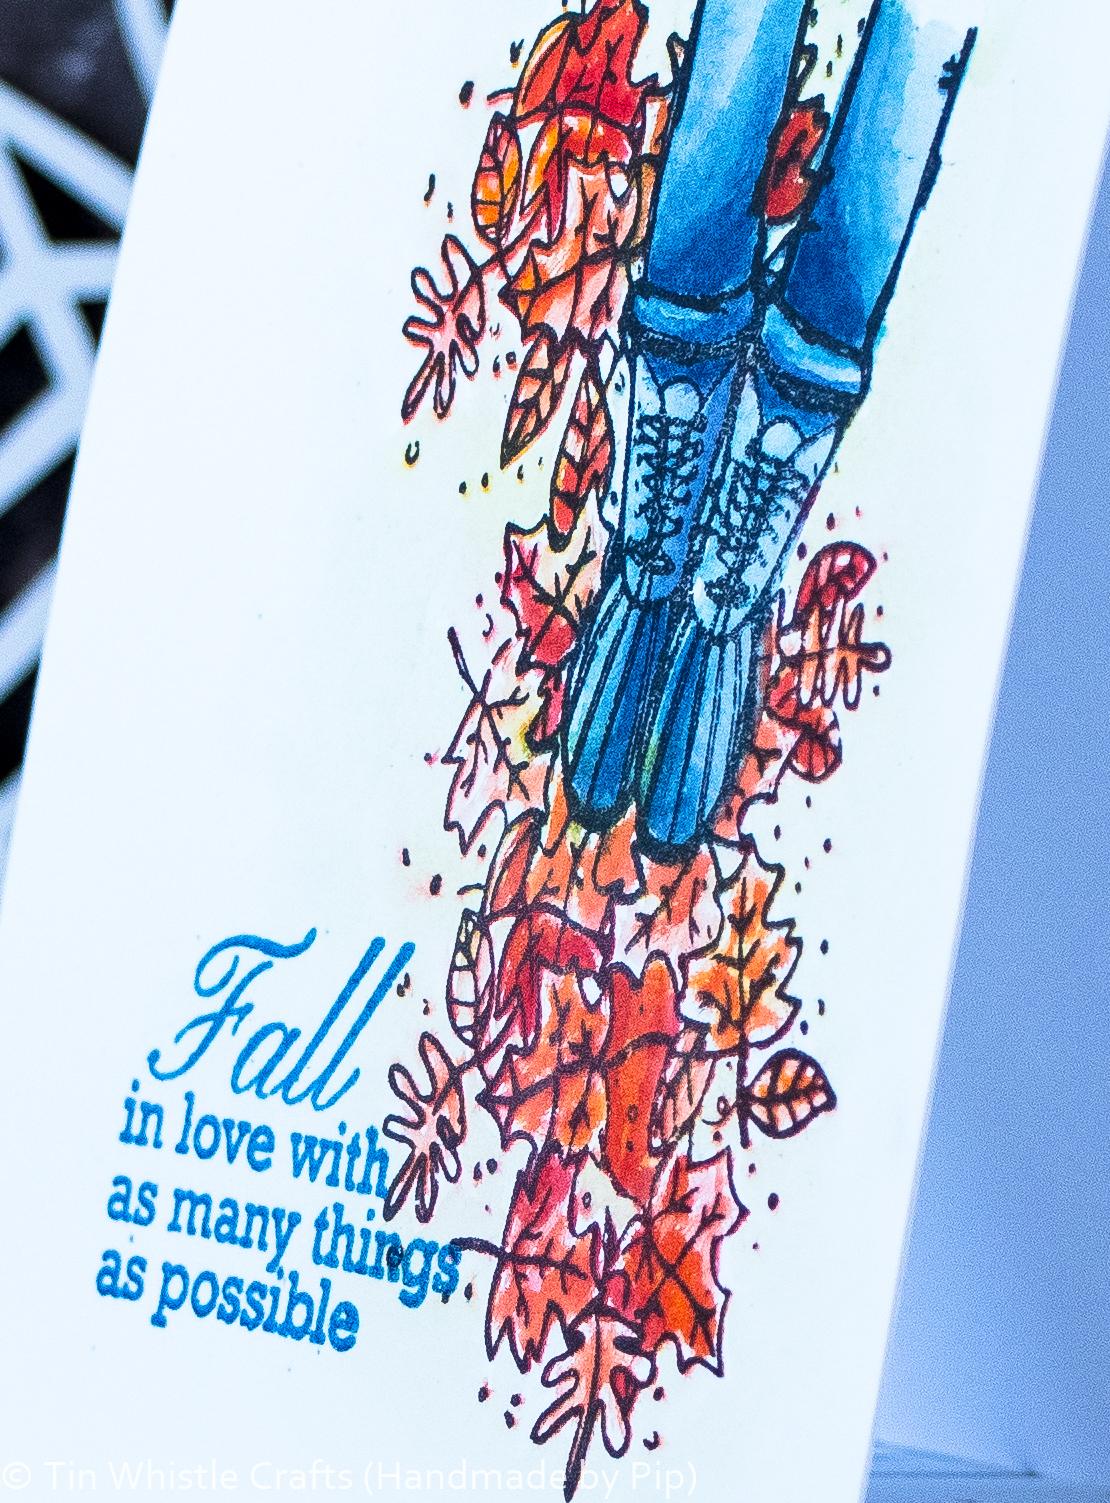 Fall in love-1-2